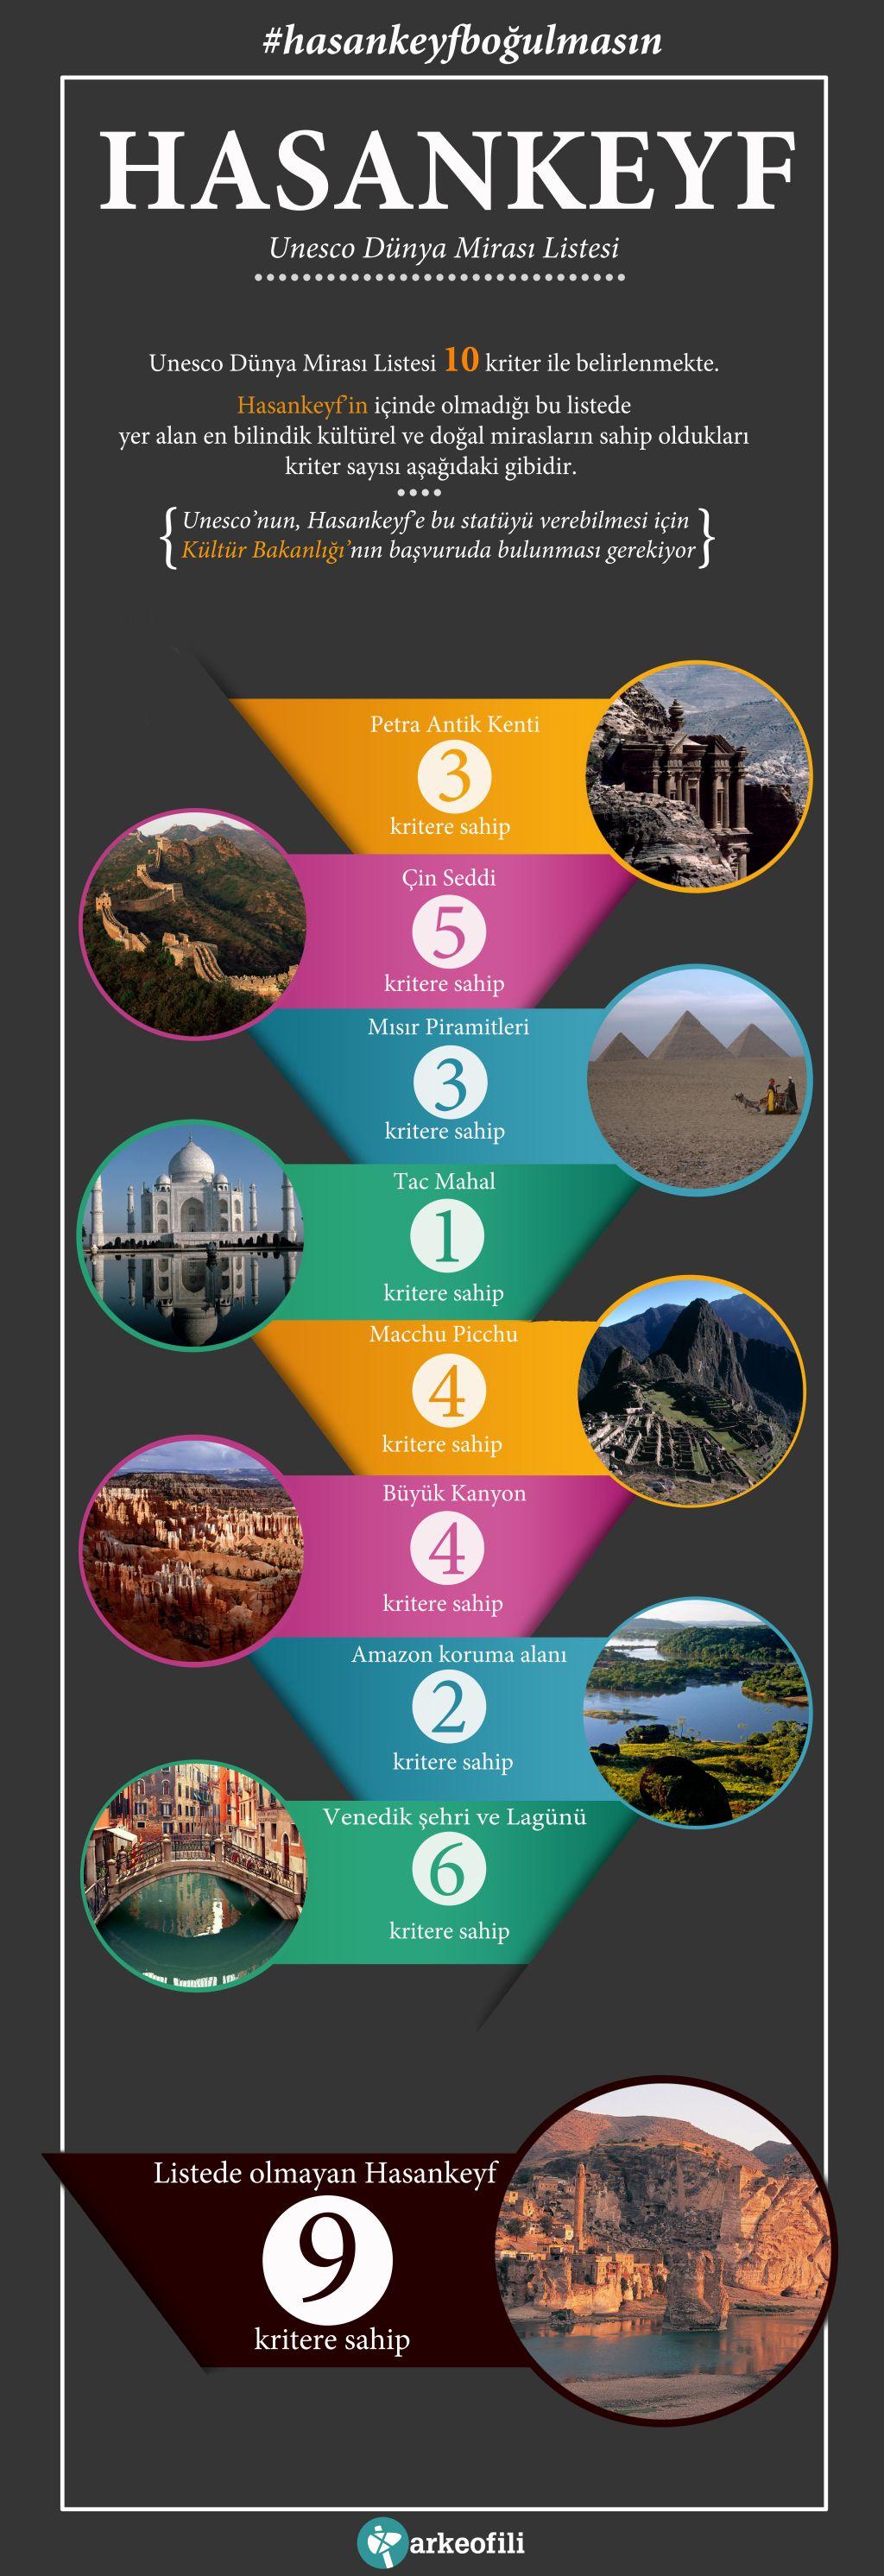 Dünya Mirası Listesi'nde Olmayan Hasankeyf